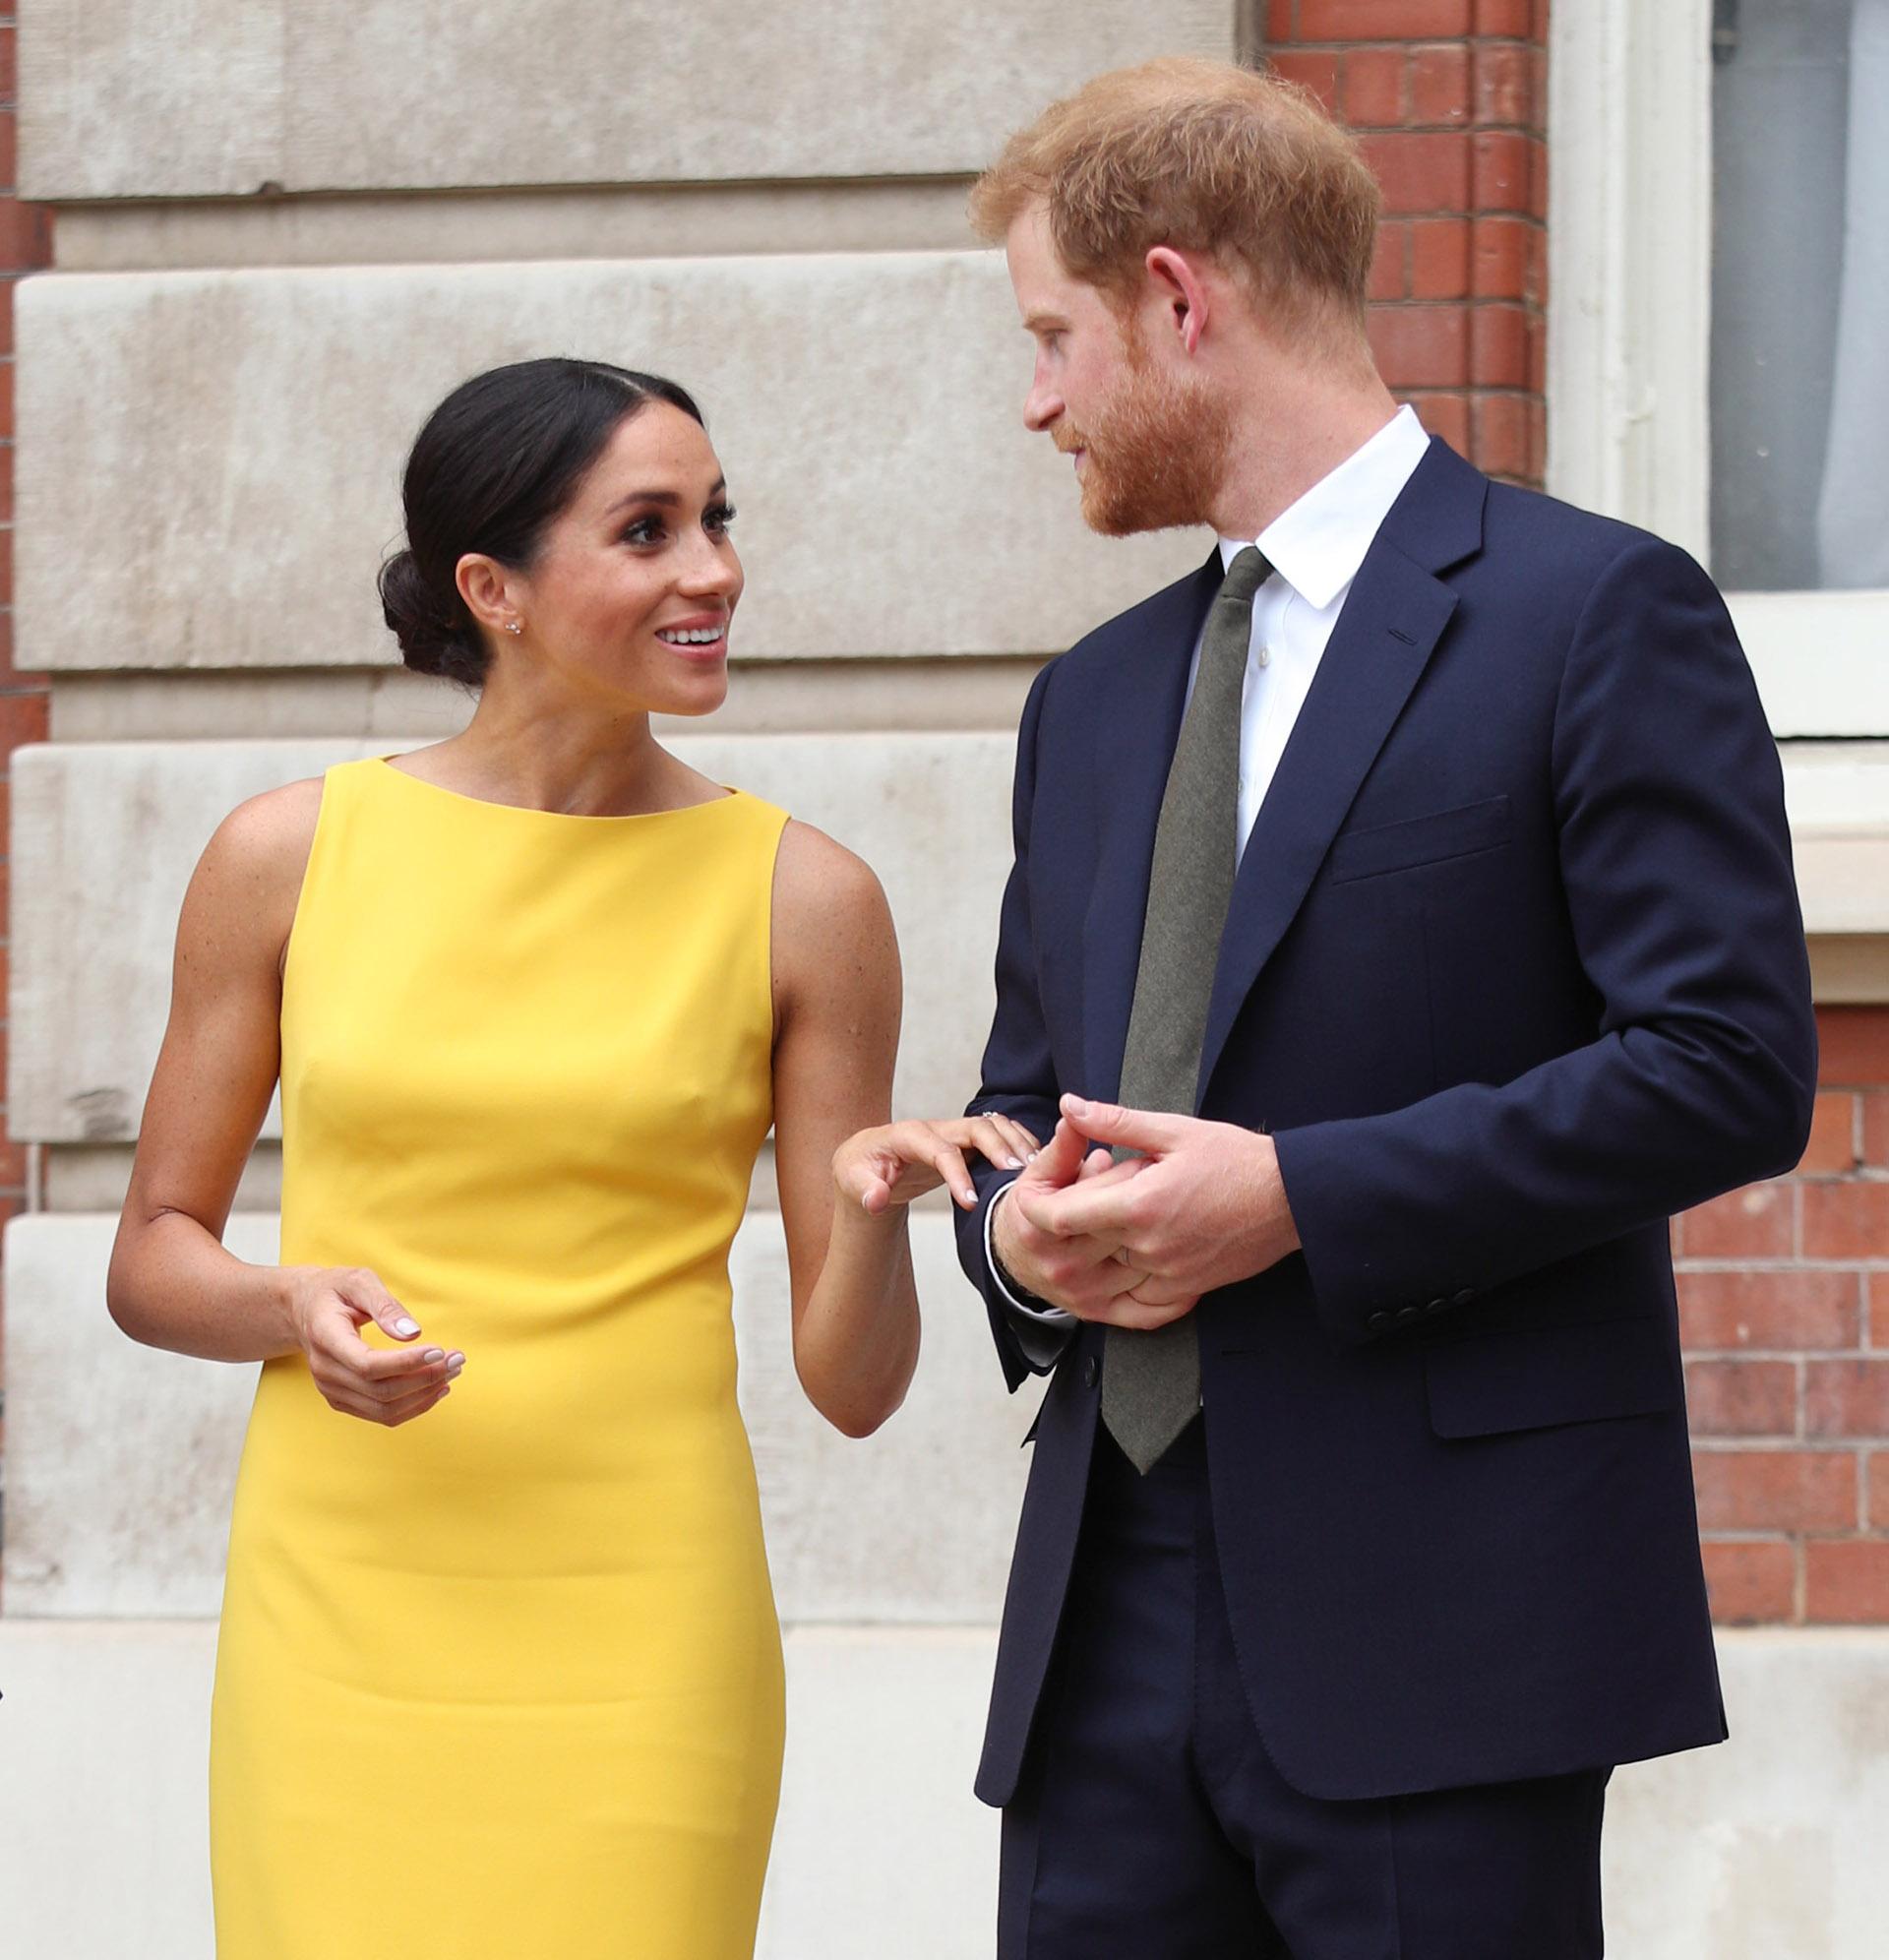 Meghan intenta mantener contacto físico con el príncipe Harry